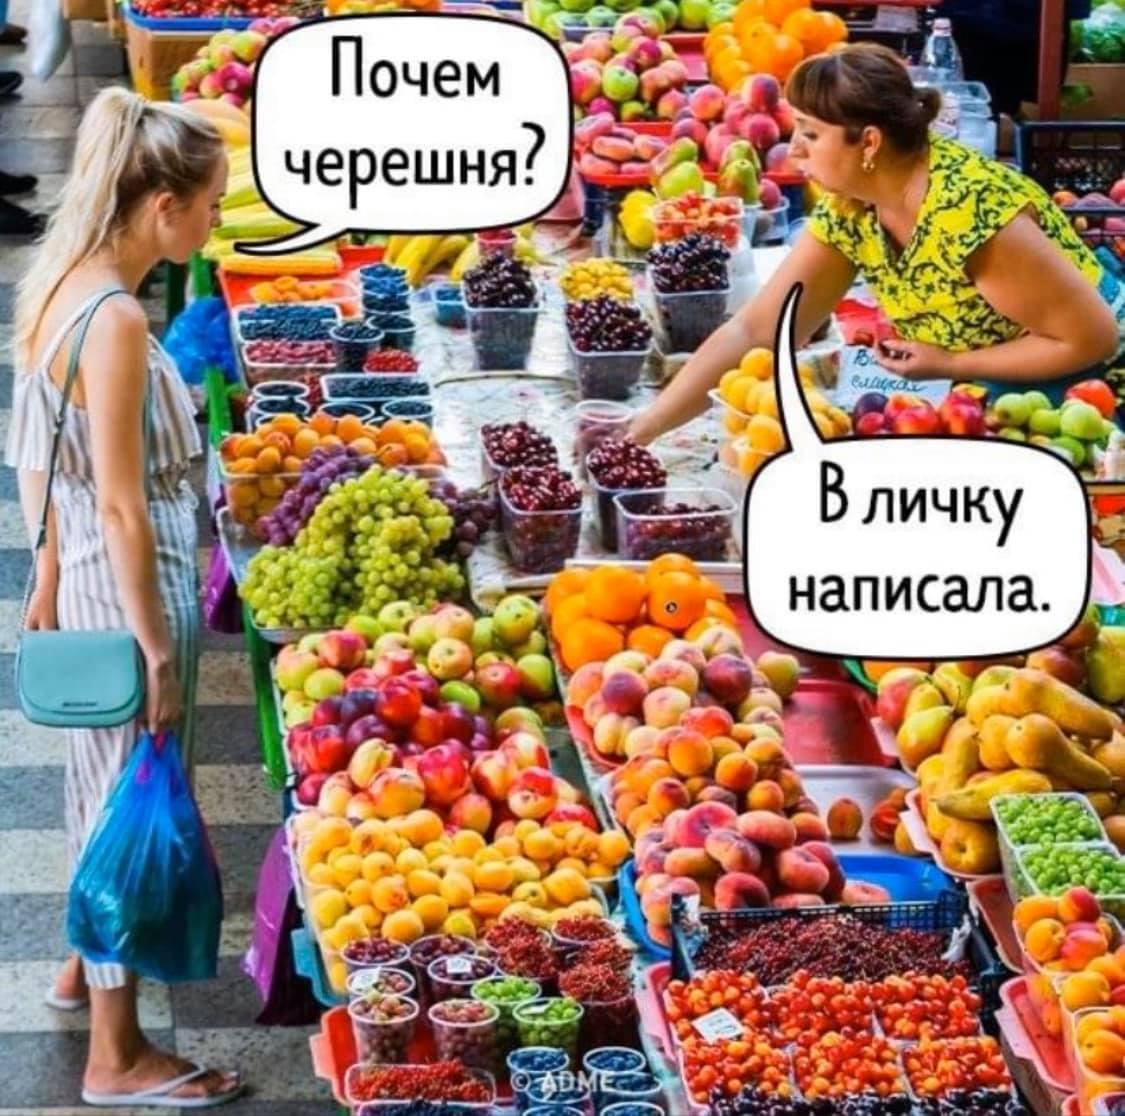 https://mtdata.ru/u3/photo3FF1/20371965031-0/original.jpeg#20371965031